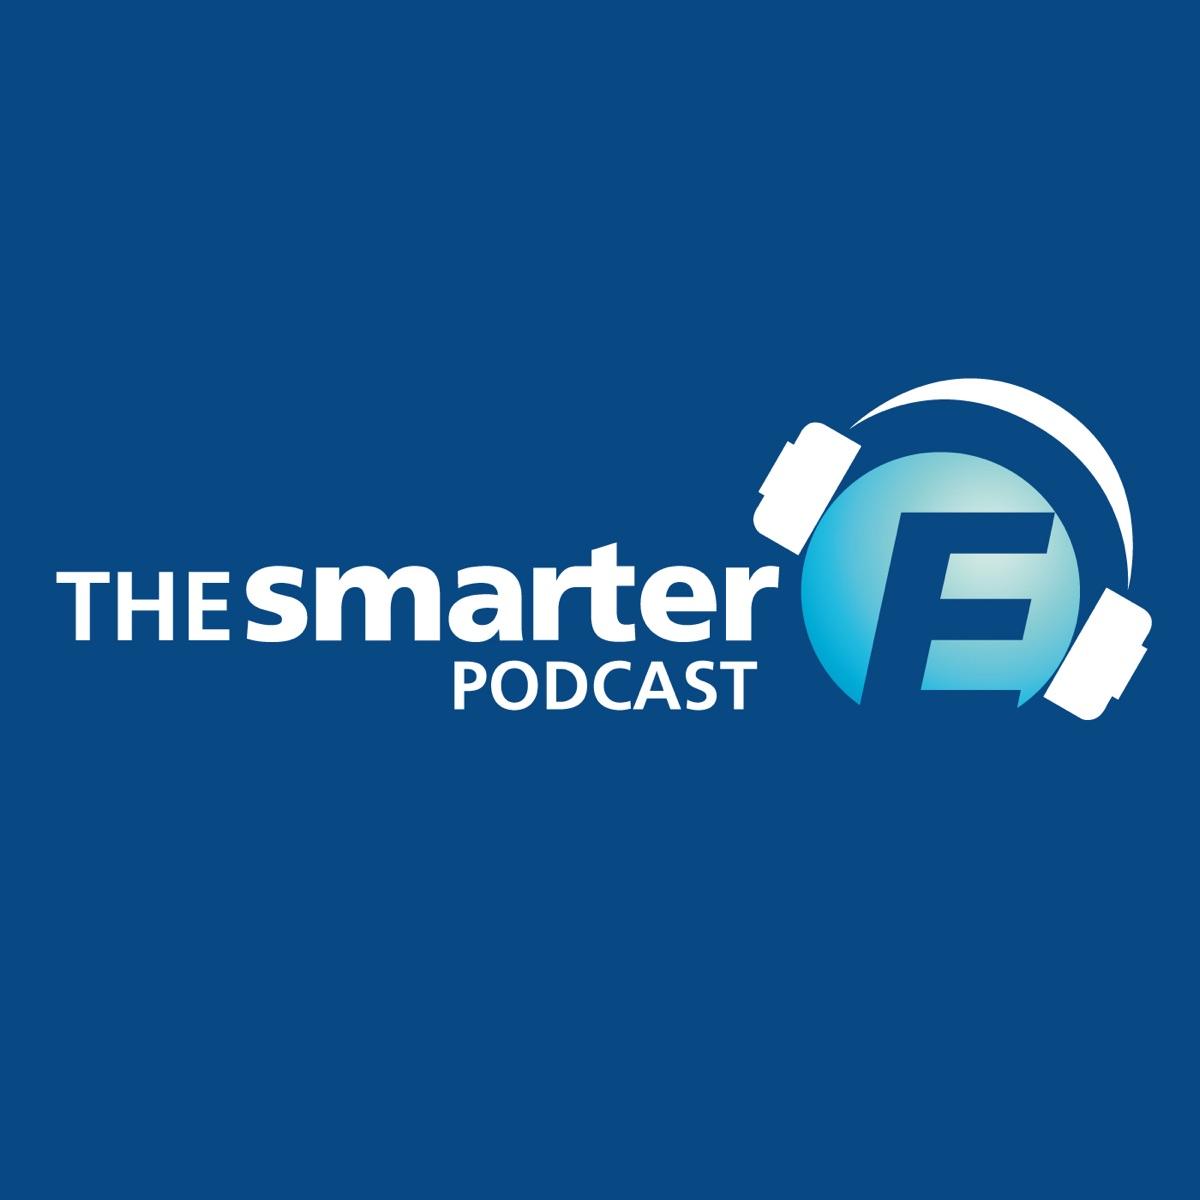 The smarter E Podcast